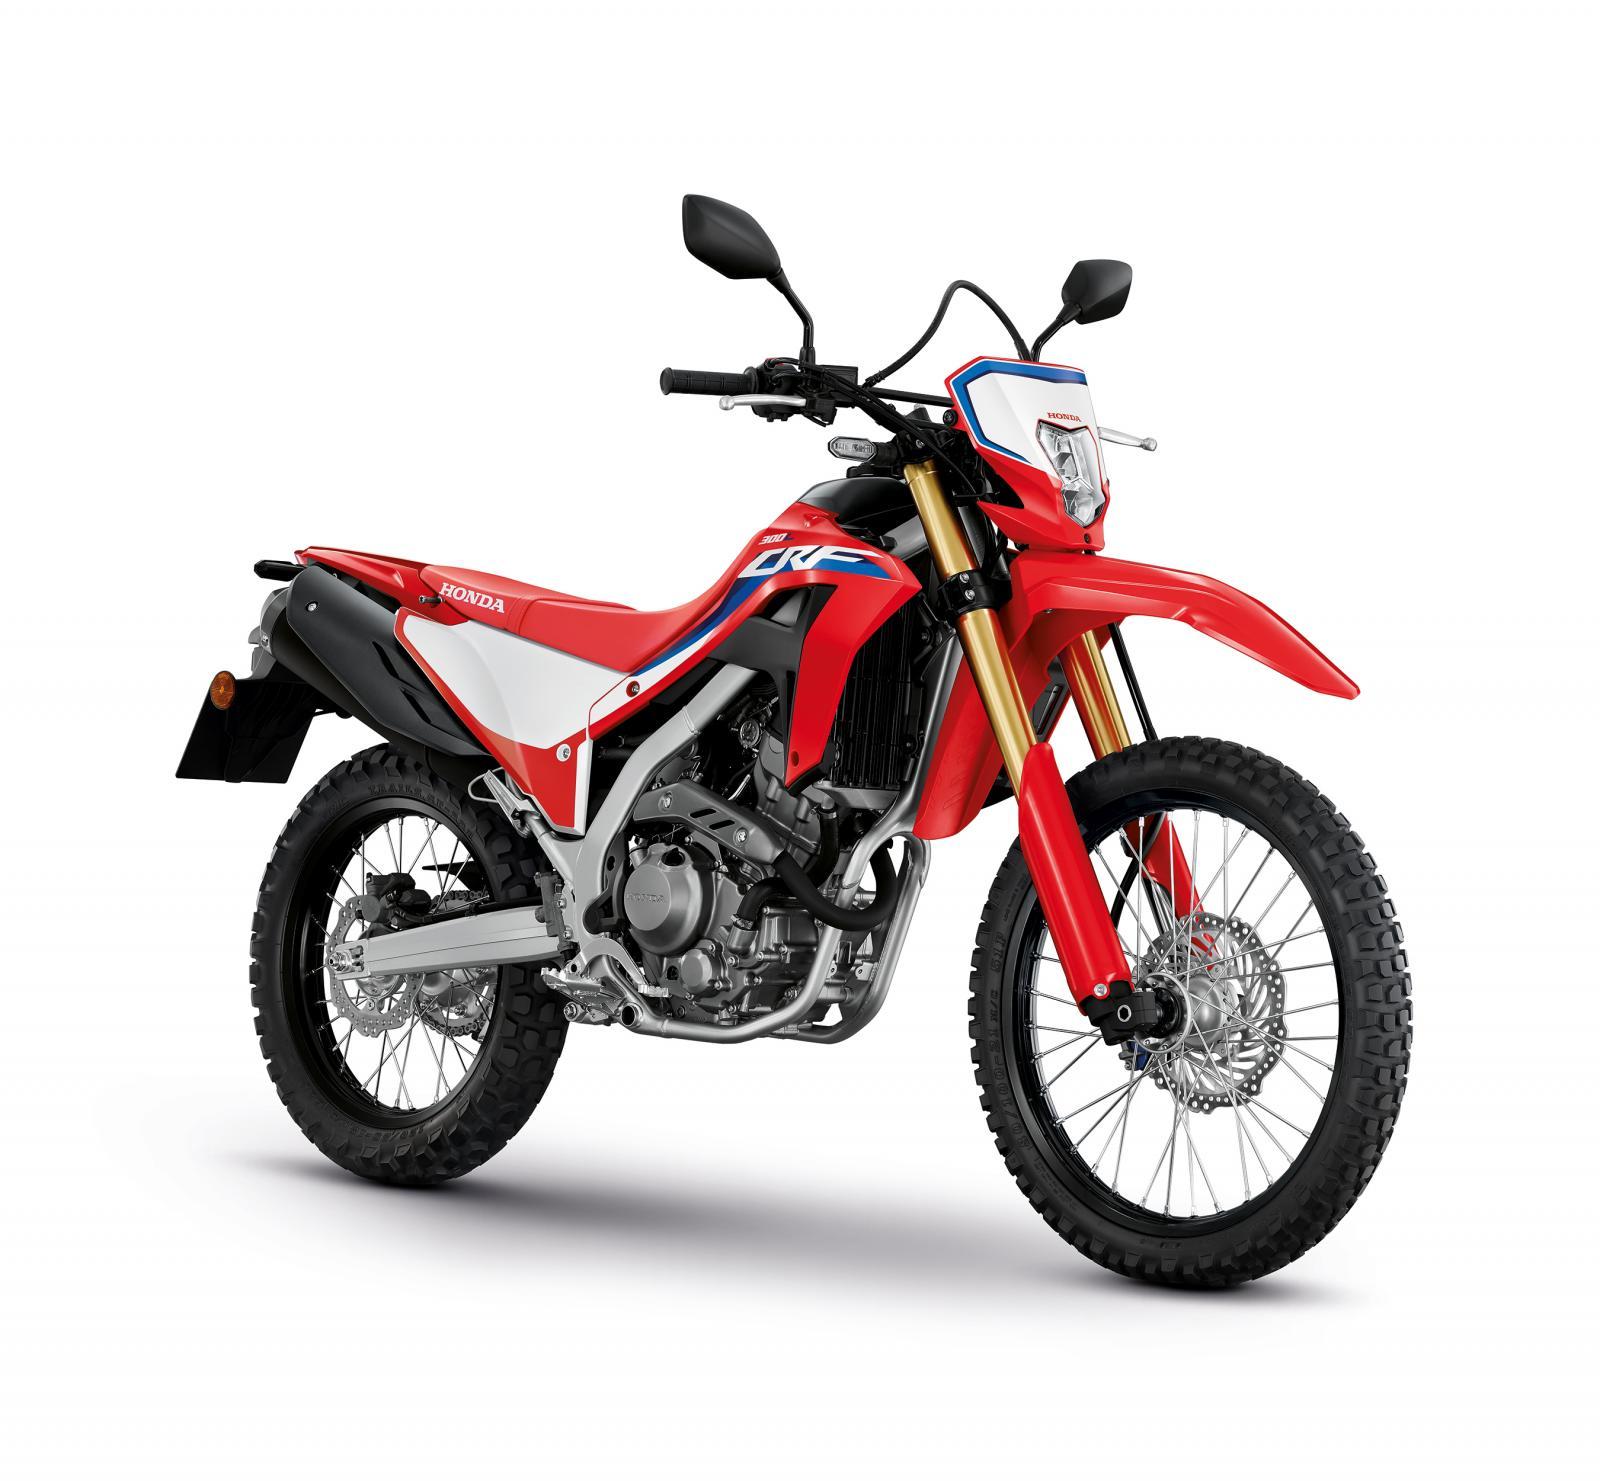 ราคาและตารางผ่อน ดาวน์ 2021 Honda CRF300L